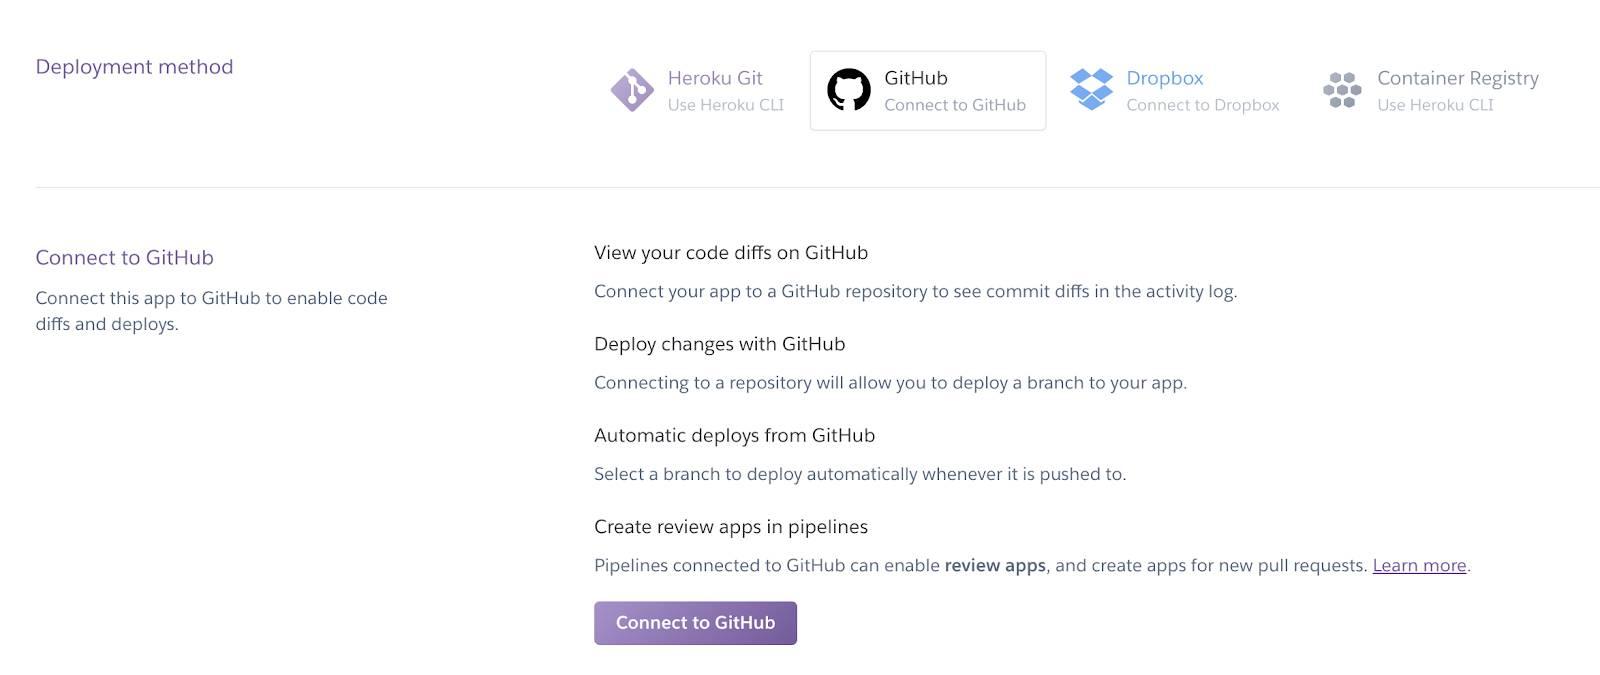 Captura de tela do painel do Heroku, seção de configuração Connect to GitHub (Conectar ao GitHub).